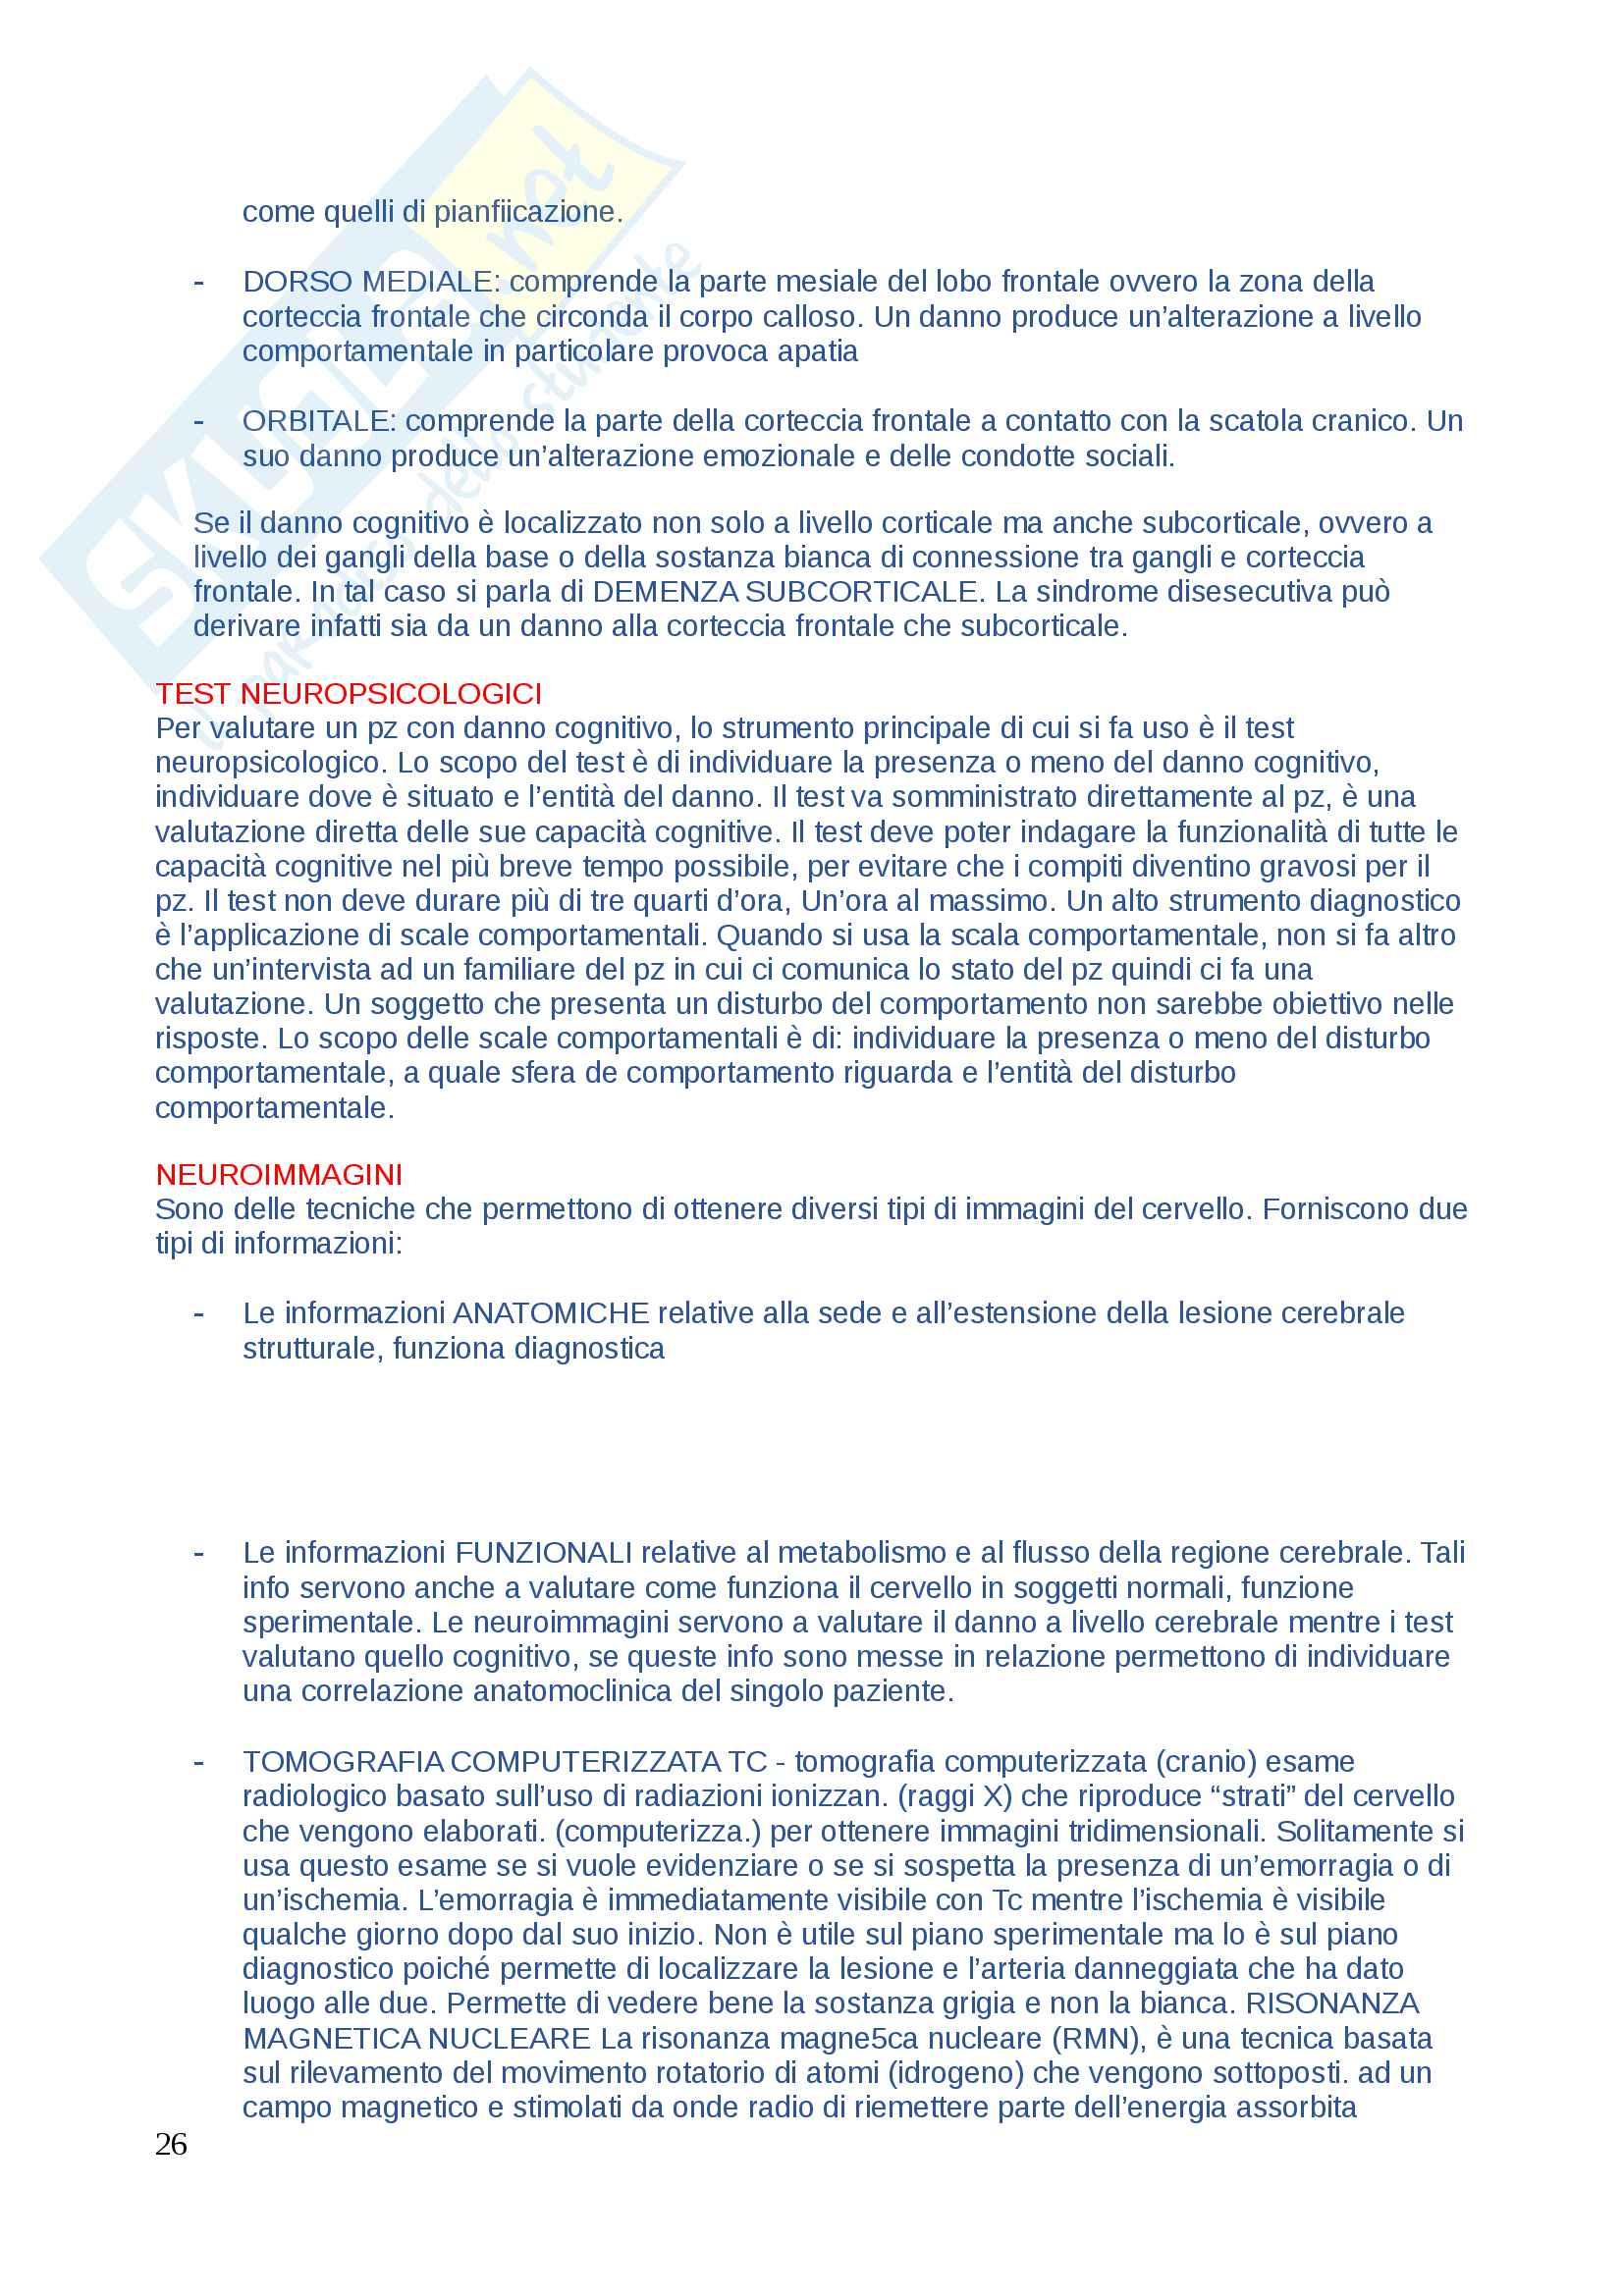 Domande di Neuropsicologia, domande e risposte per esame esaurienti e complete Pag. 26